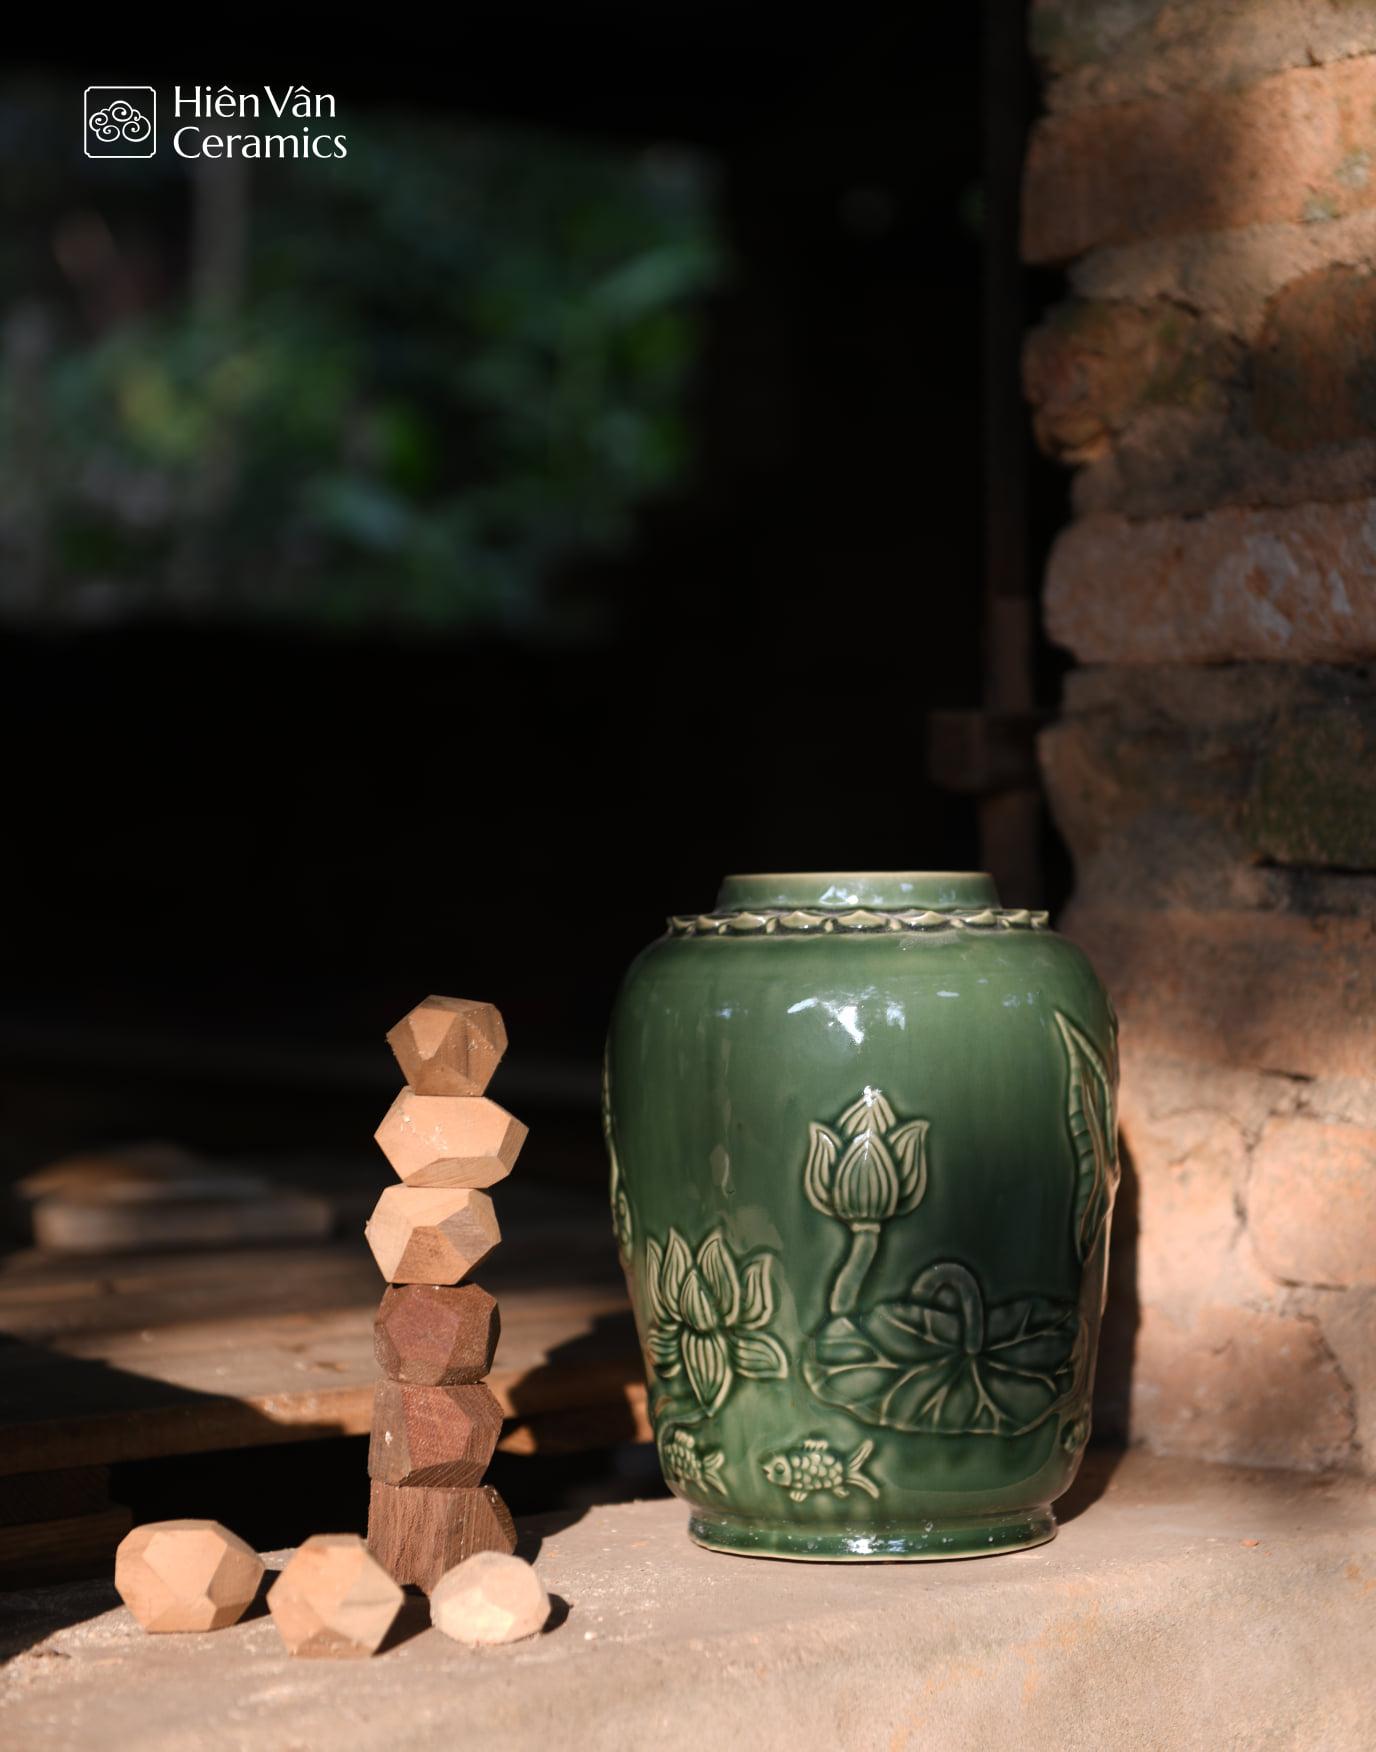 binh-gom-sen-ca-hien-van-ceramics-sap-chang-sen